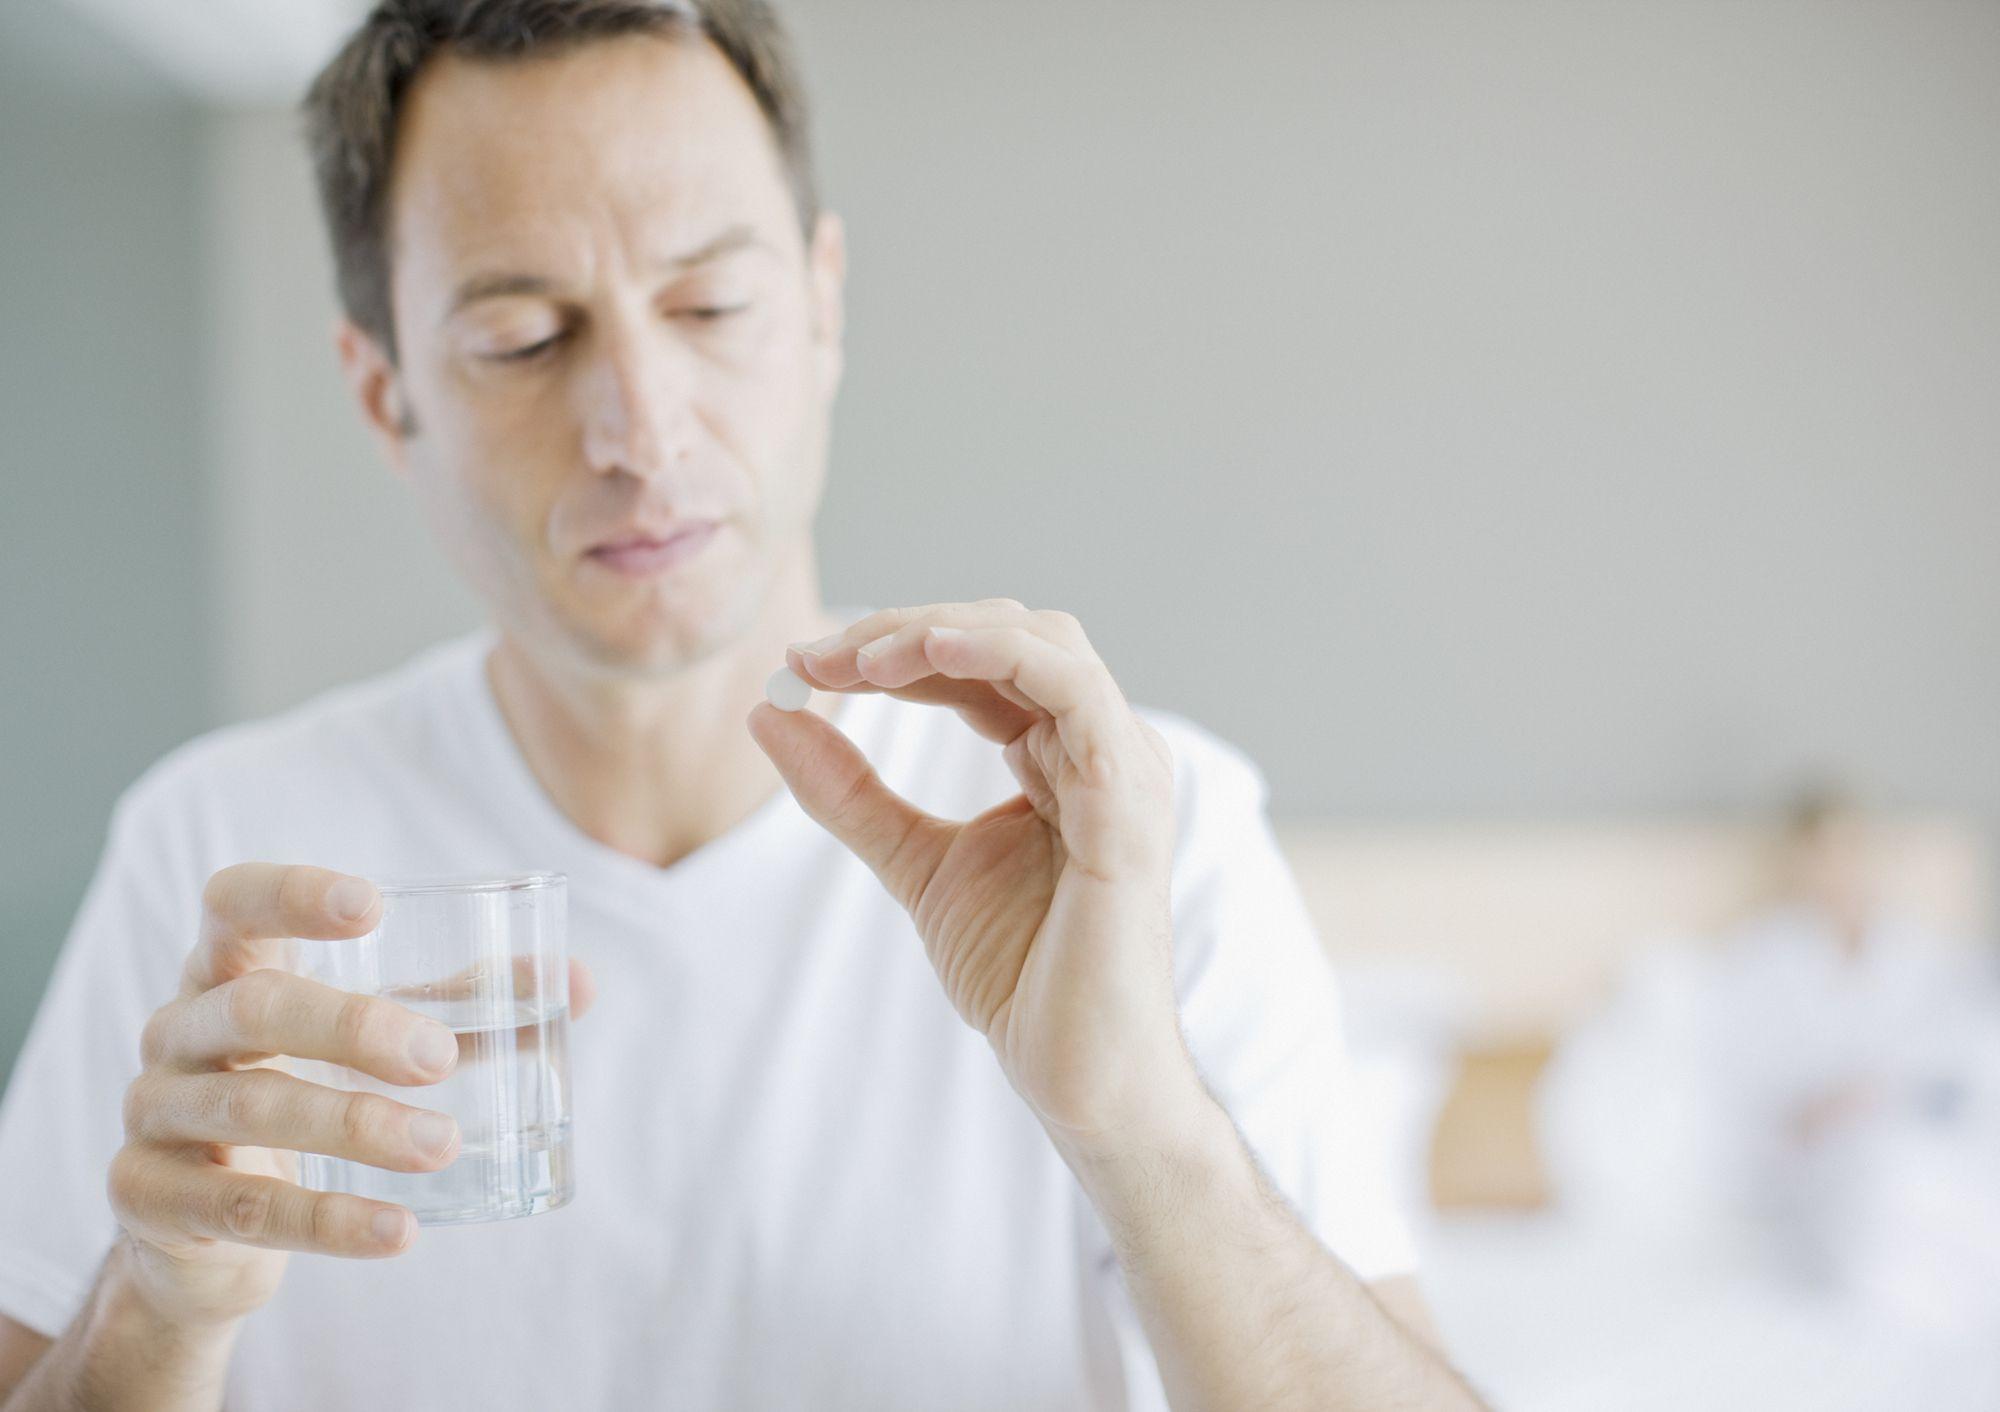 Могут ли лекарства против тревожности лечить симптомы БЛД?